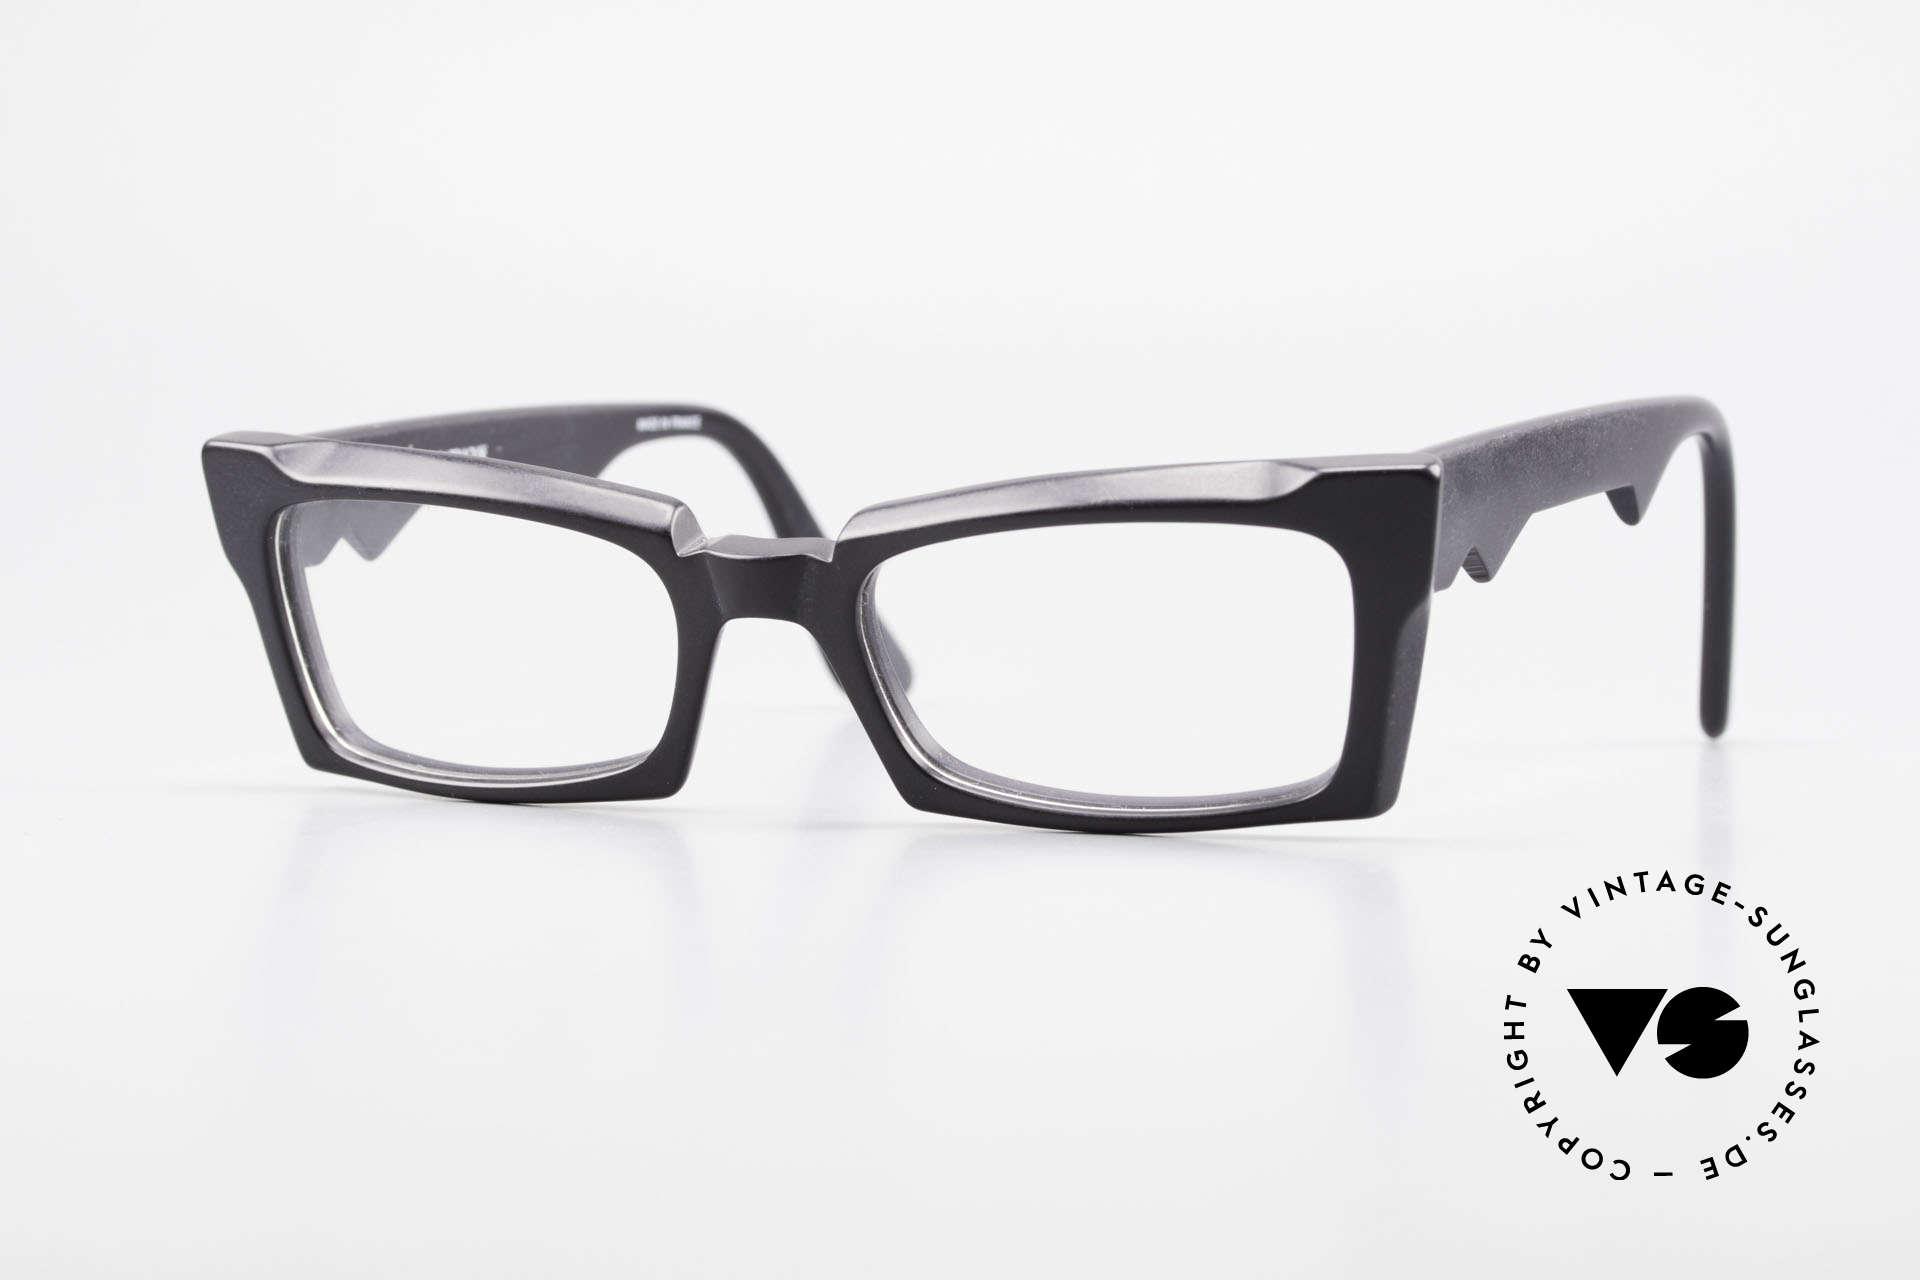 Anne Et Valentin Belphegor Old 80's Glasses True Vintage, vintage glasses by 'Anne Et Valentin', Toulouse, Made for Women